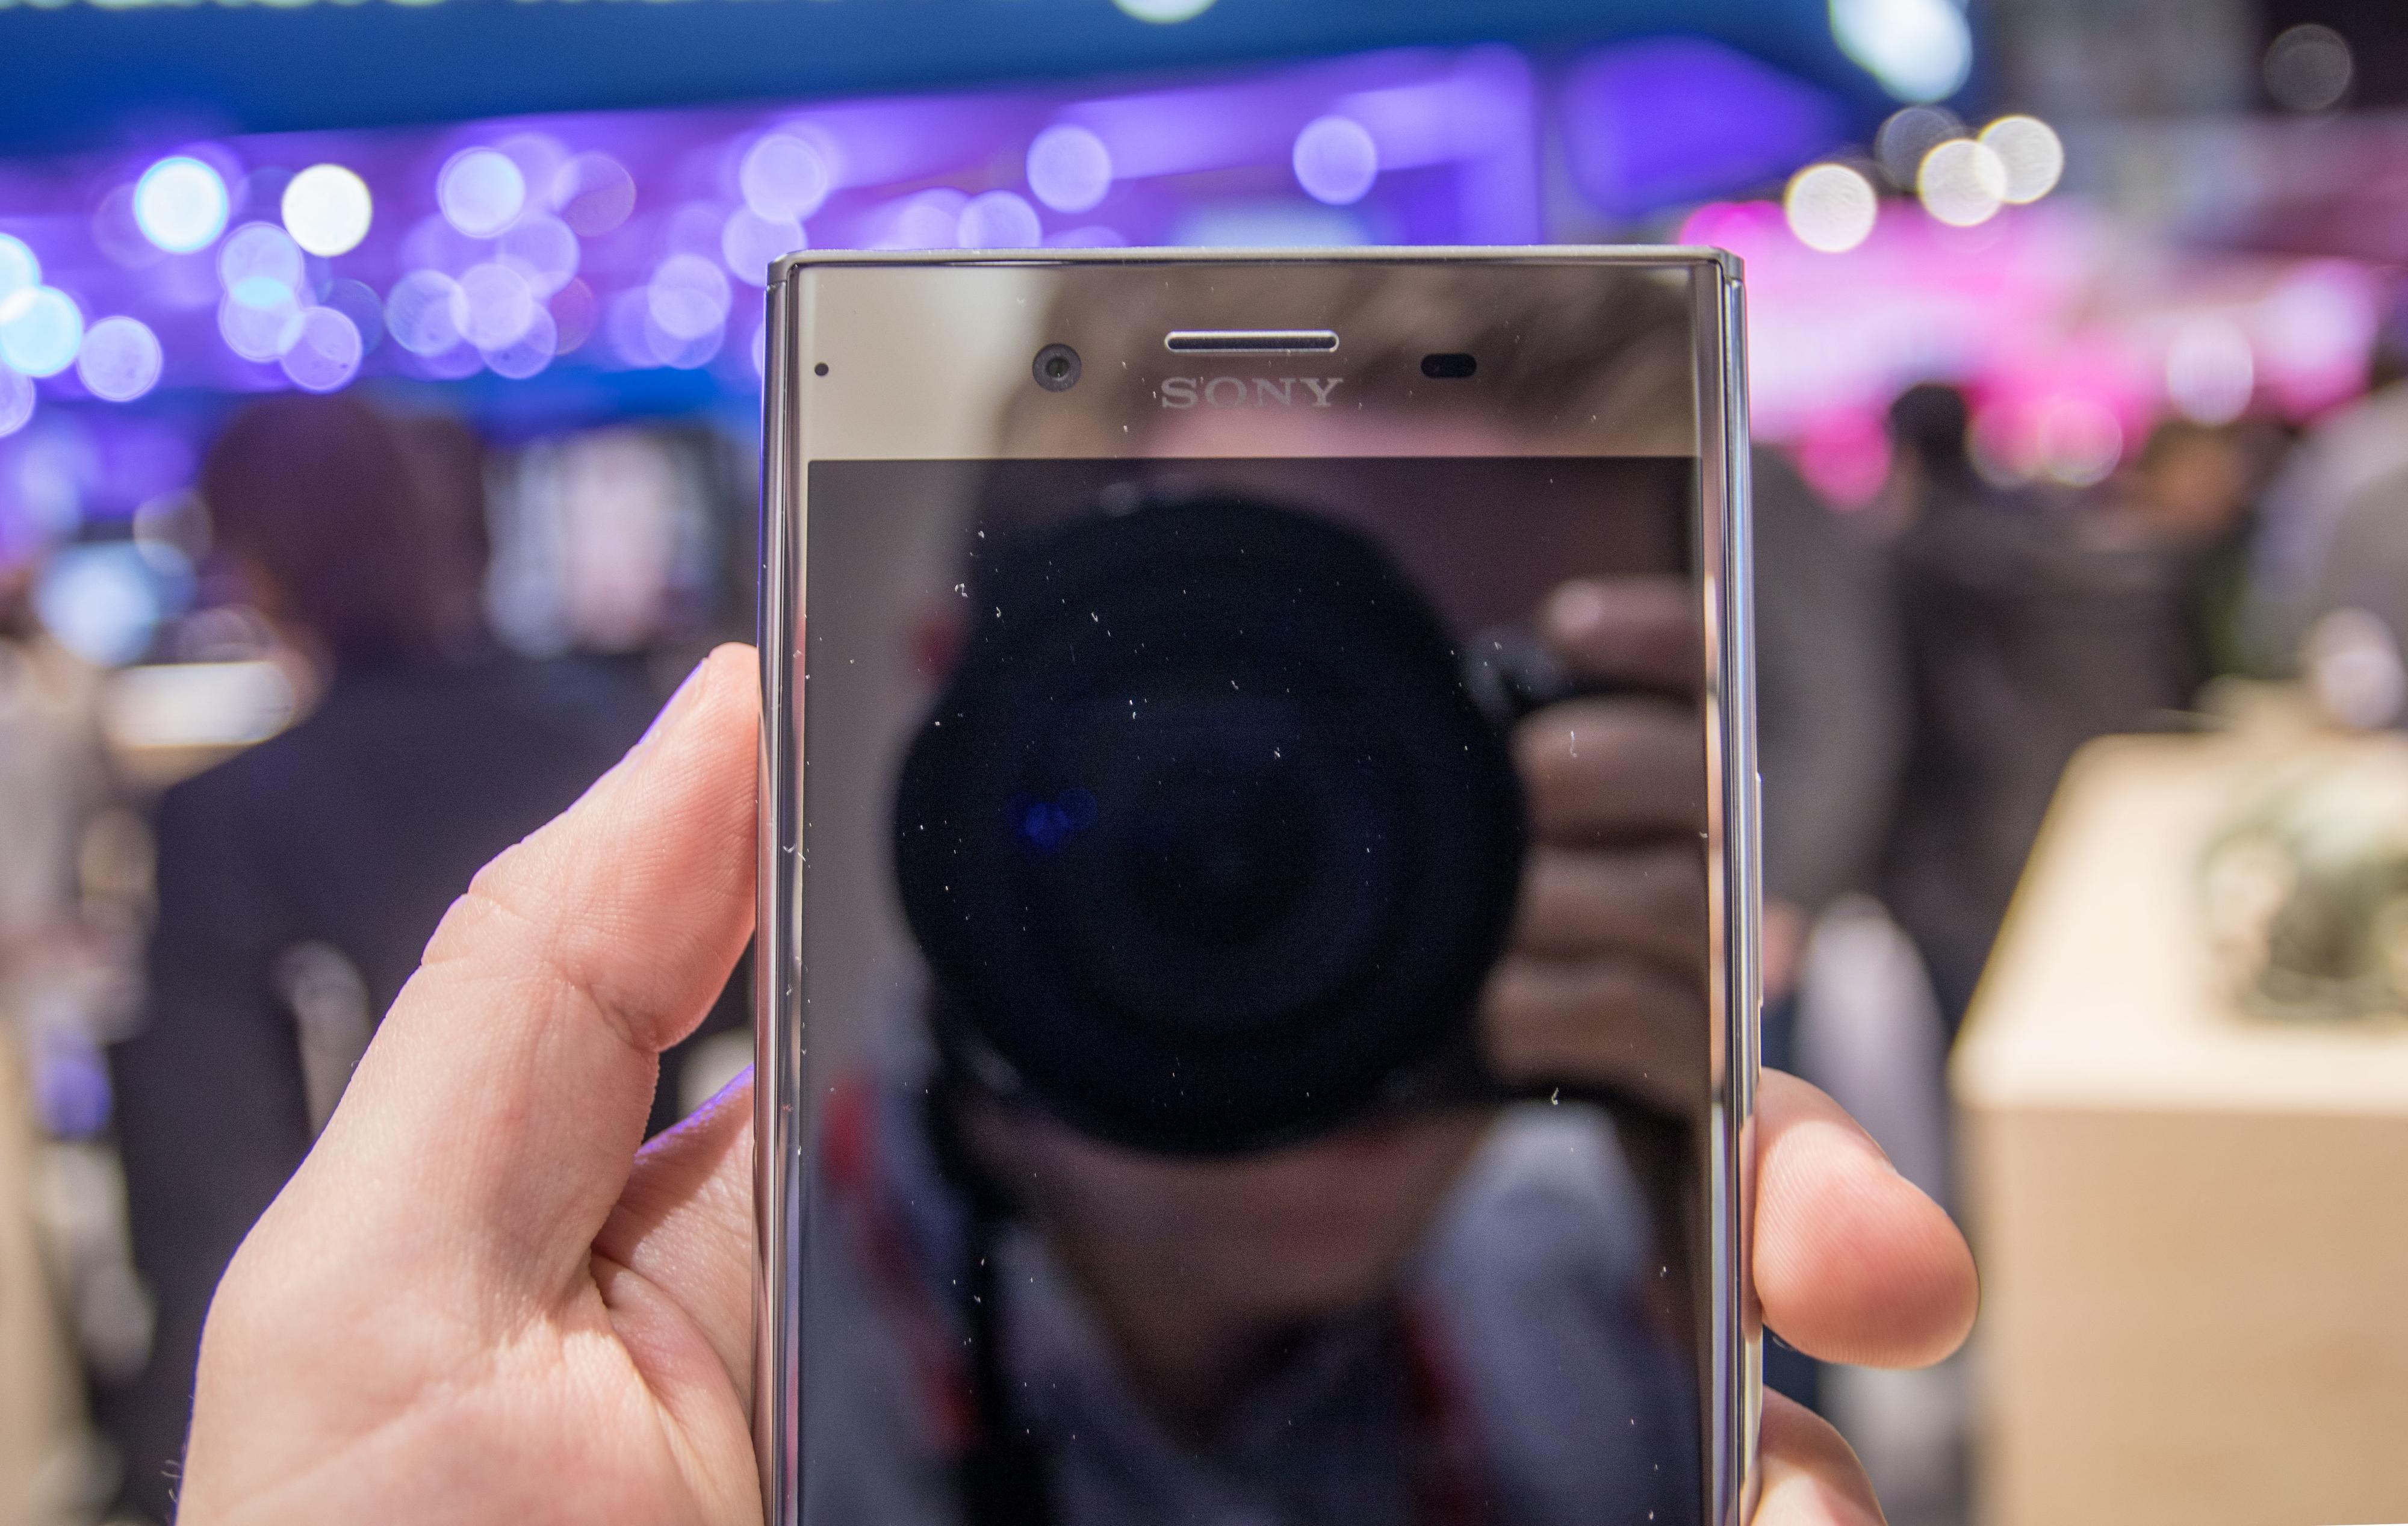 «Vi kunne gjort kantene oppe og nede mindre, men vi trengte plassen til å legge inn kameraet vårt. » , får vi høre fra Sonys representant på messeområdet. Kameraet dekker omtrent hele dybden av mobilen. Vi vet ikke om det forklarer den store kanten nede på mobilen, men la gå.